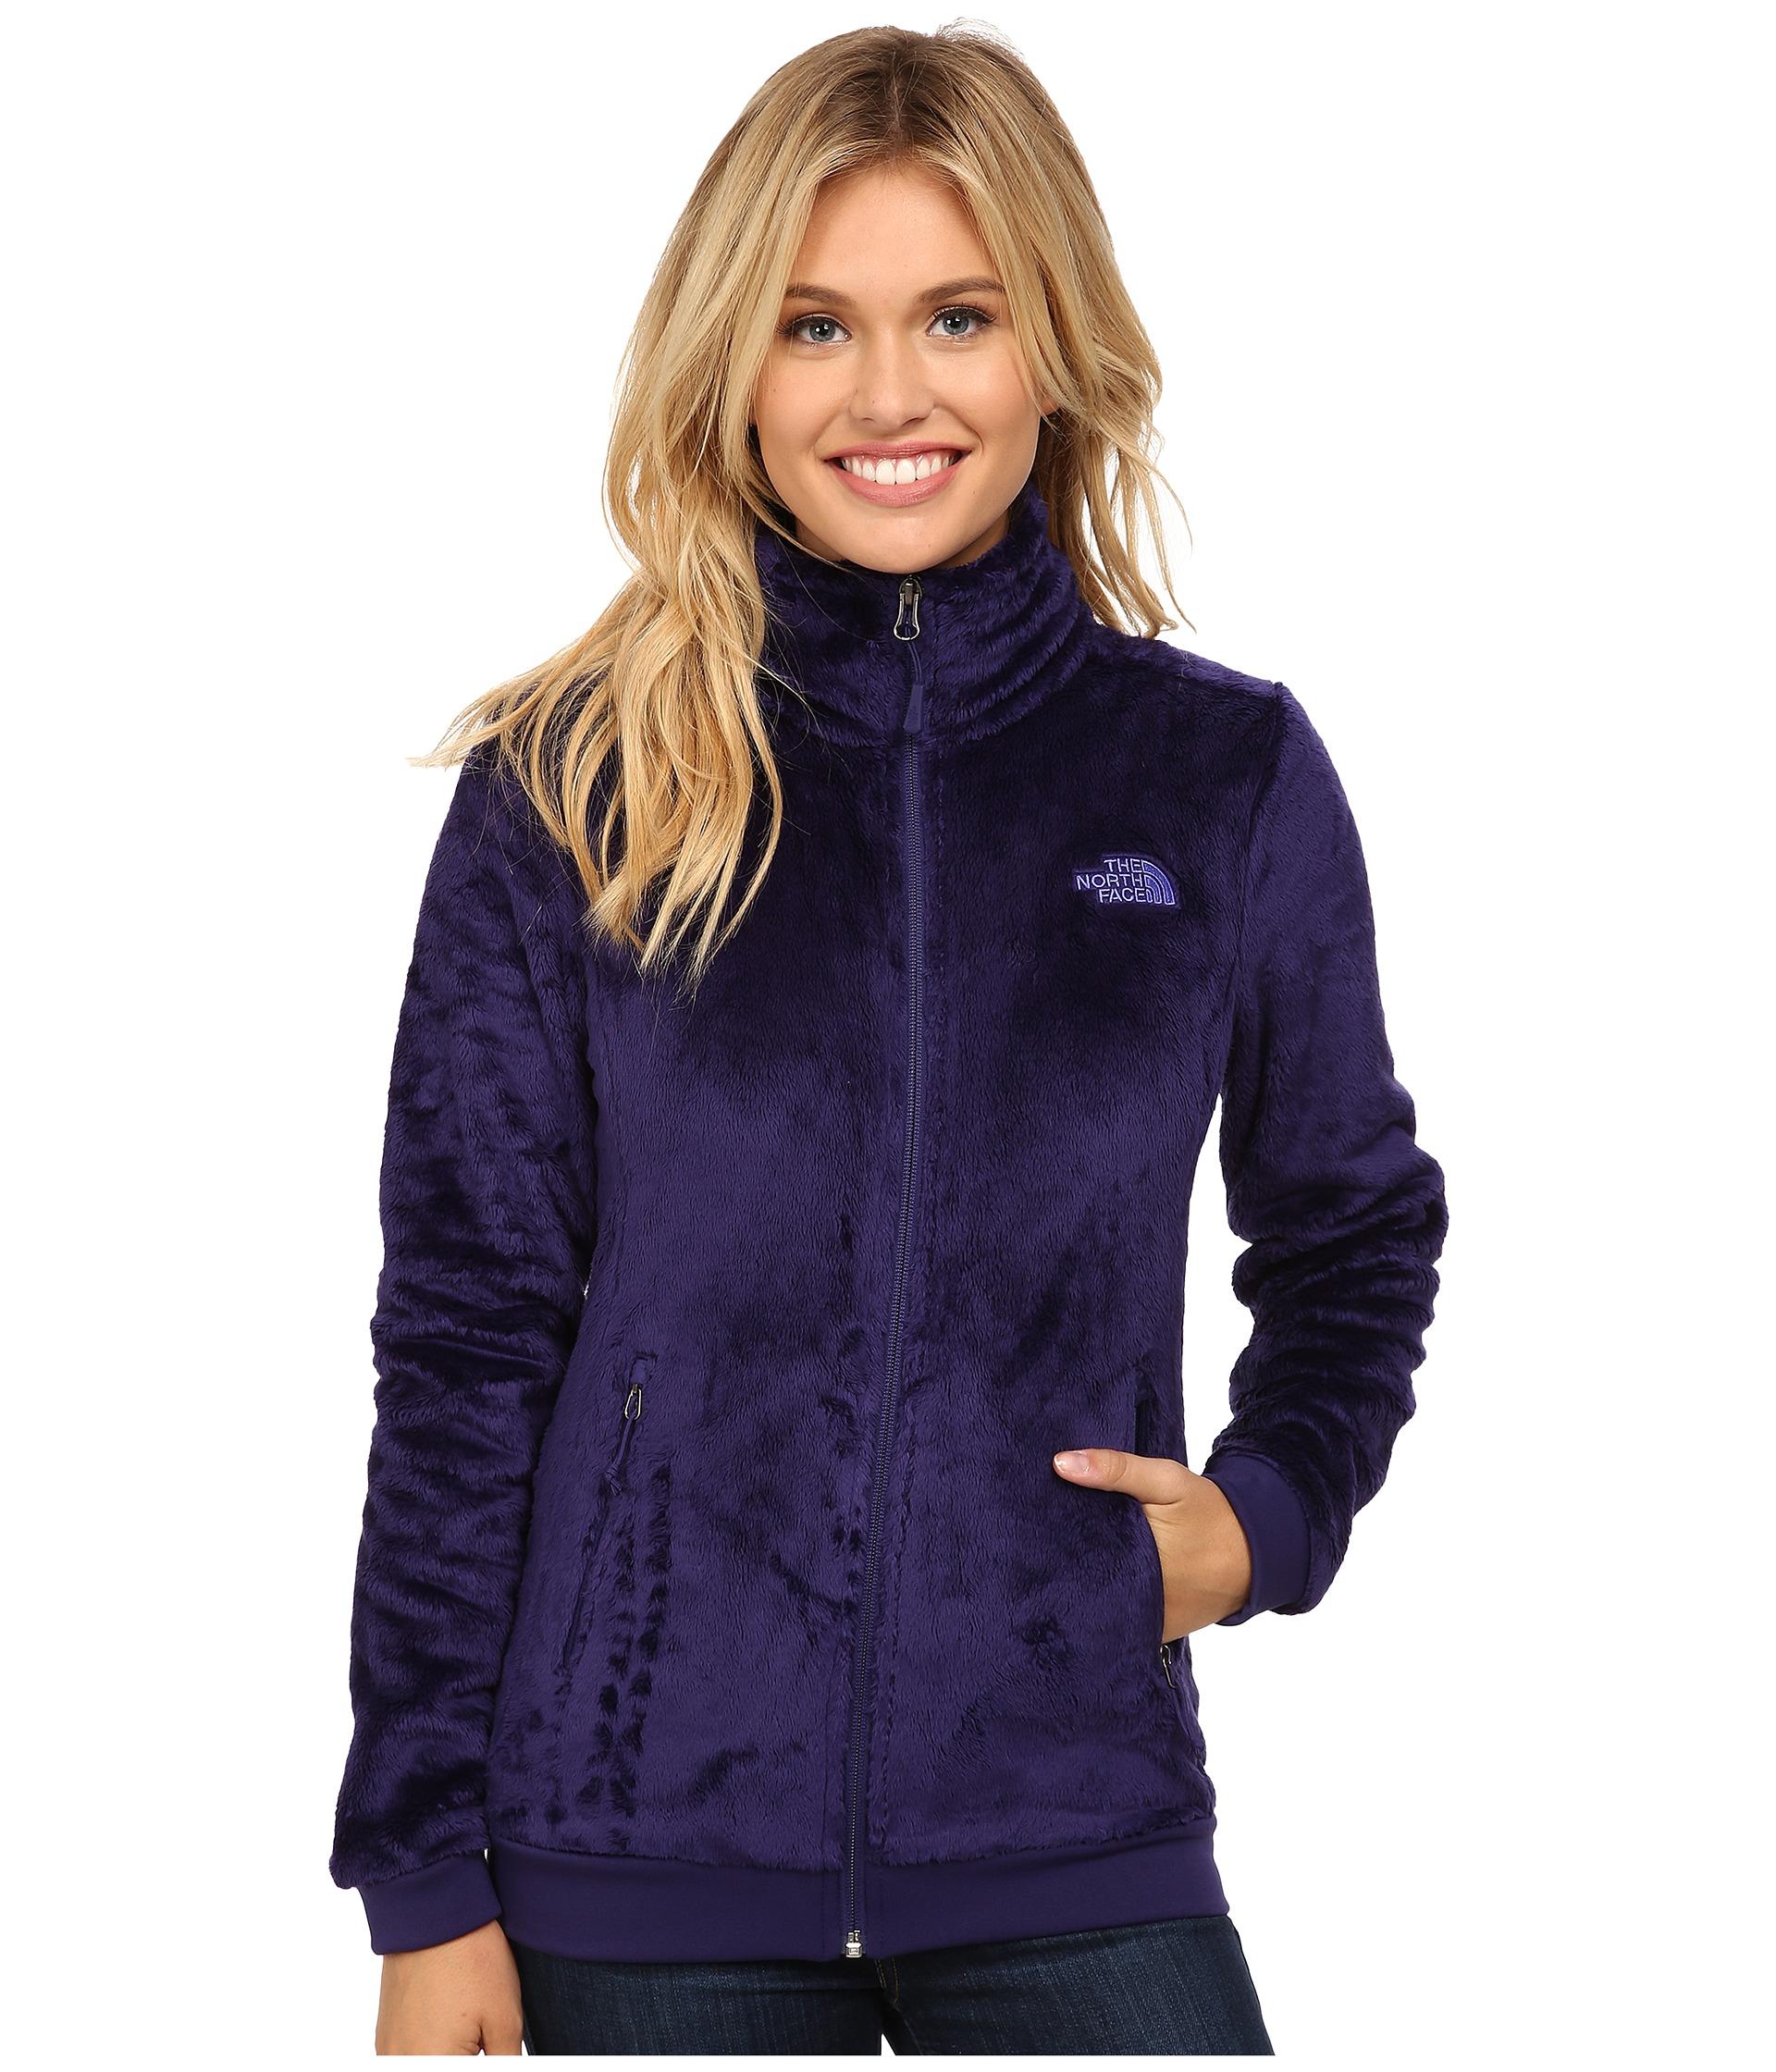 a5ccfa807 womens osito north face jacket on sale - Marwood VeneerMarwood Veneer